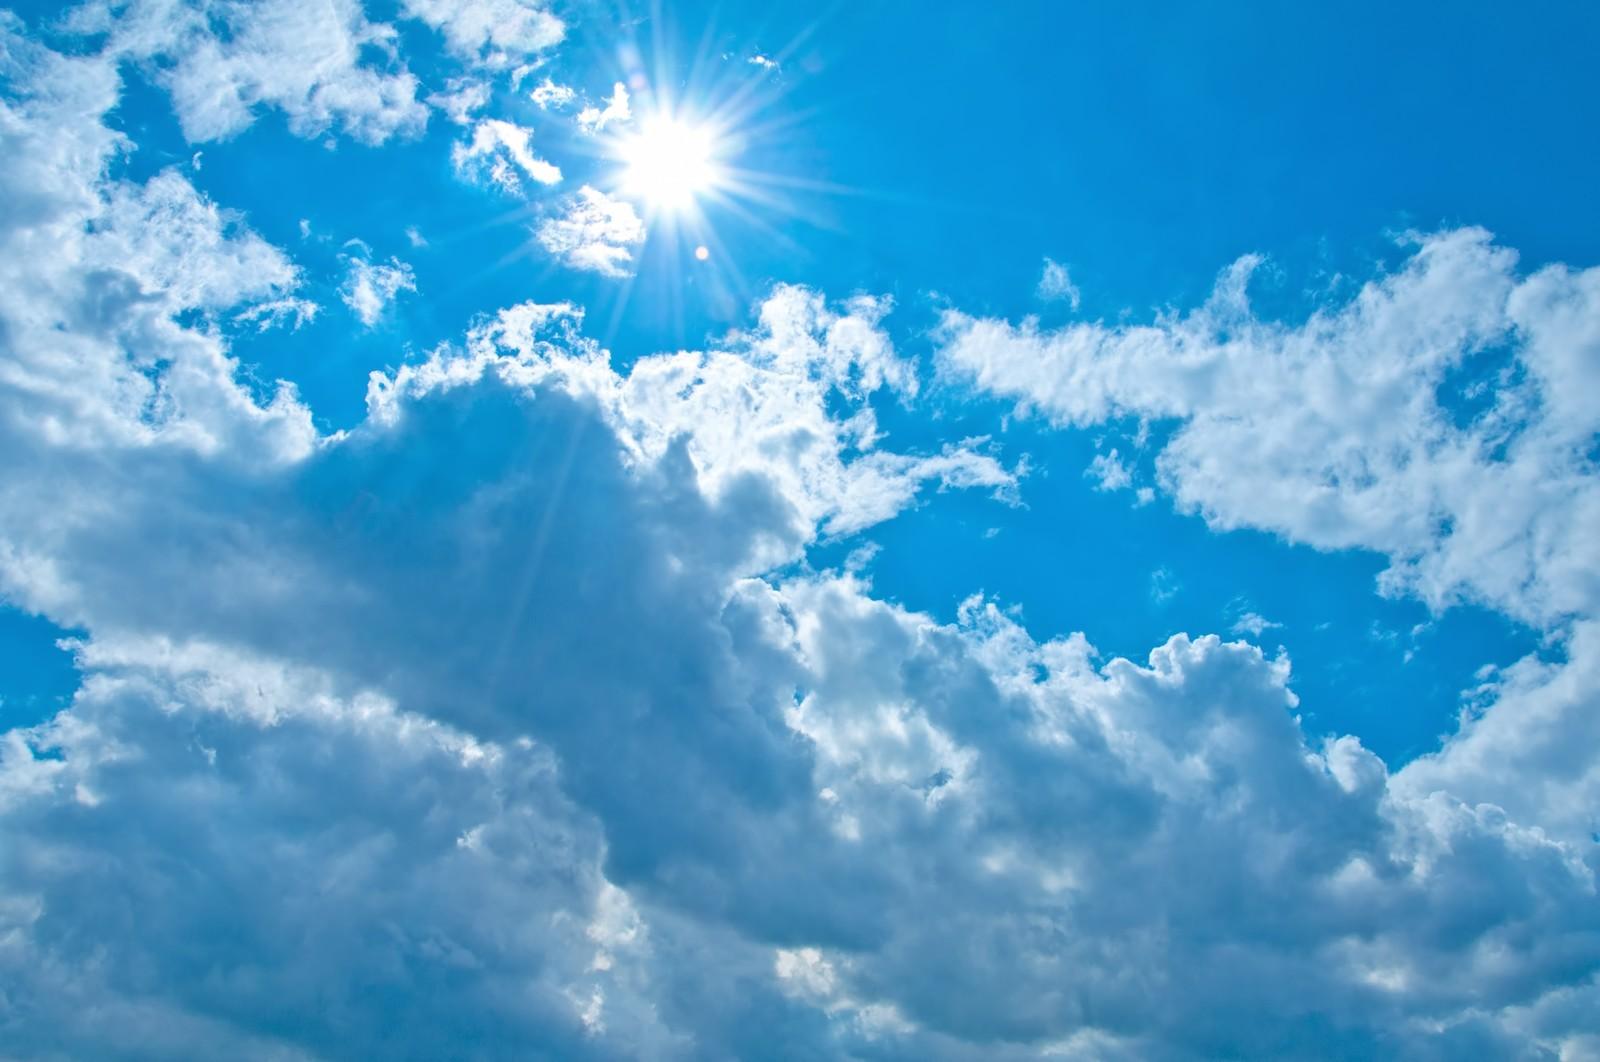 光り輝く太陽がある青空